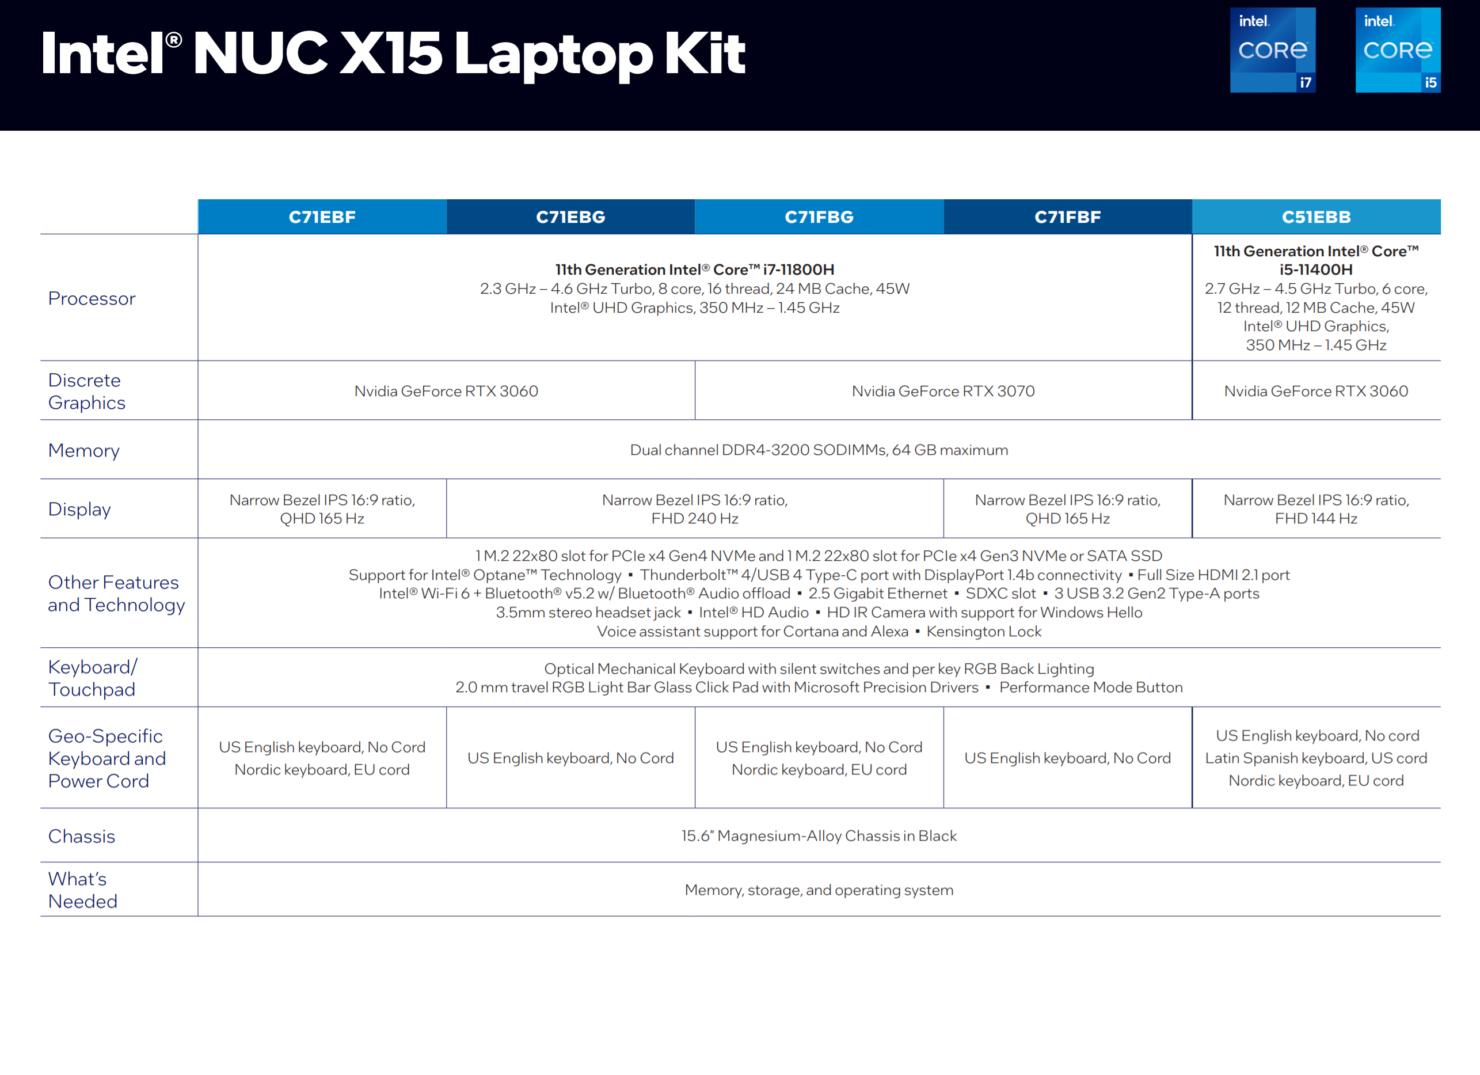 intel-nuc-x15-reference-gaming-laptop-kit-with-tiger-lake-h-cpu-nvidia-geforce-rtx-30-series-gpus-_3